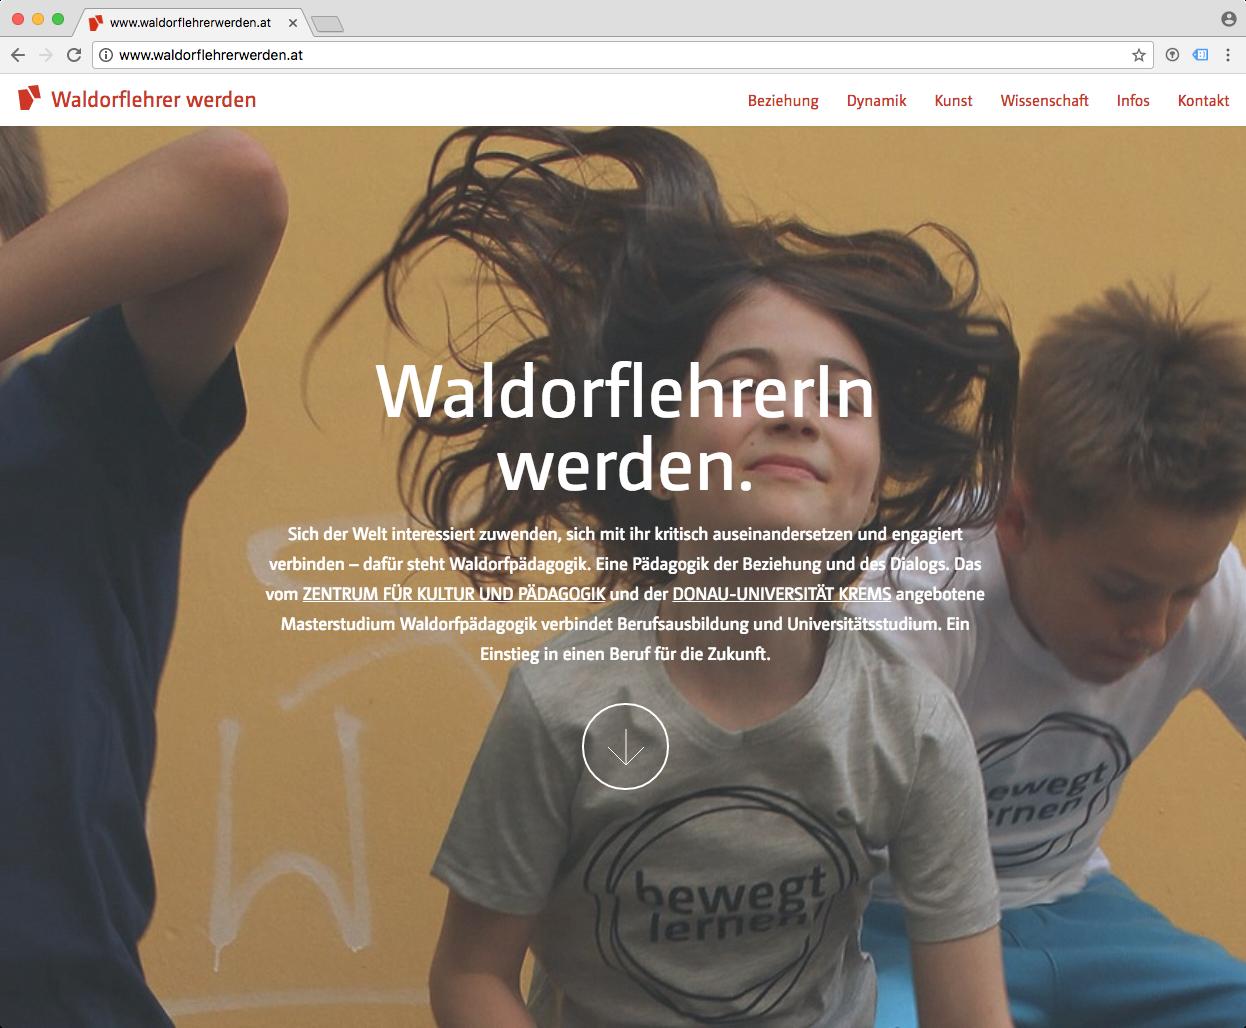 www.waldorflehrerwerden.at